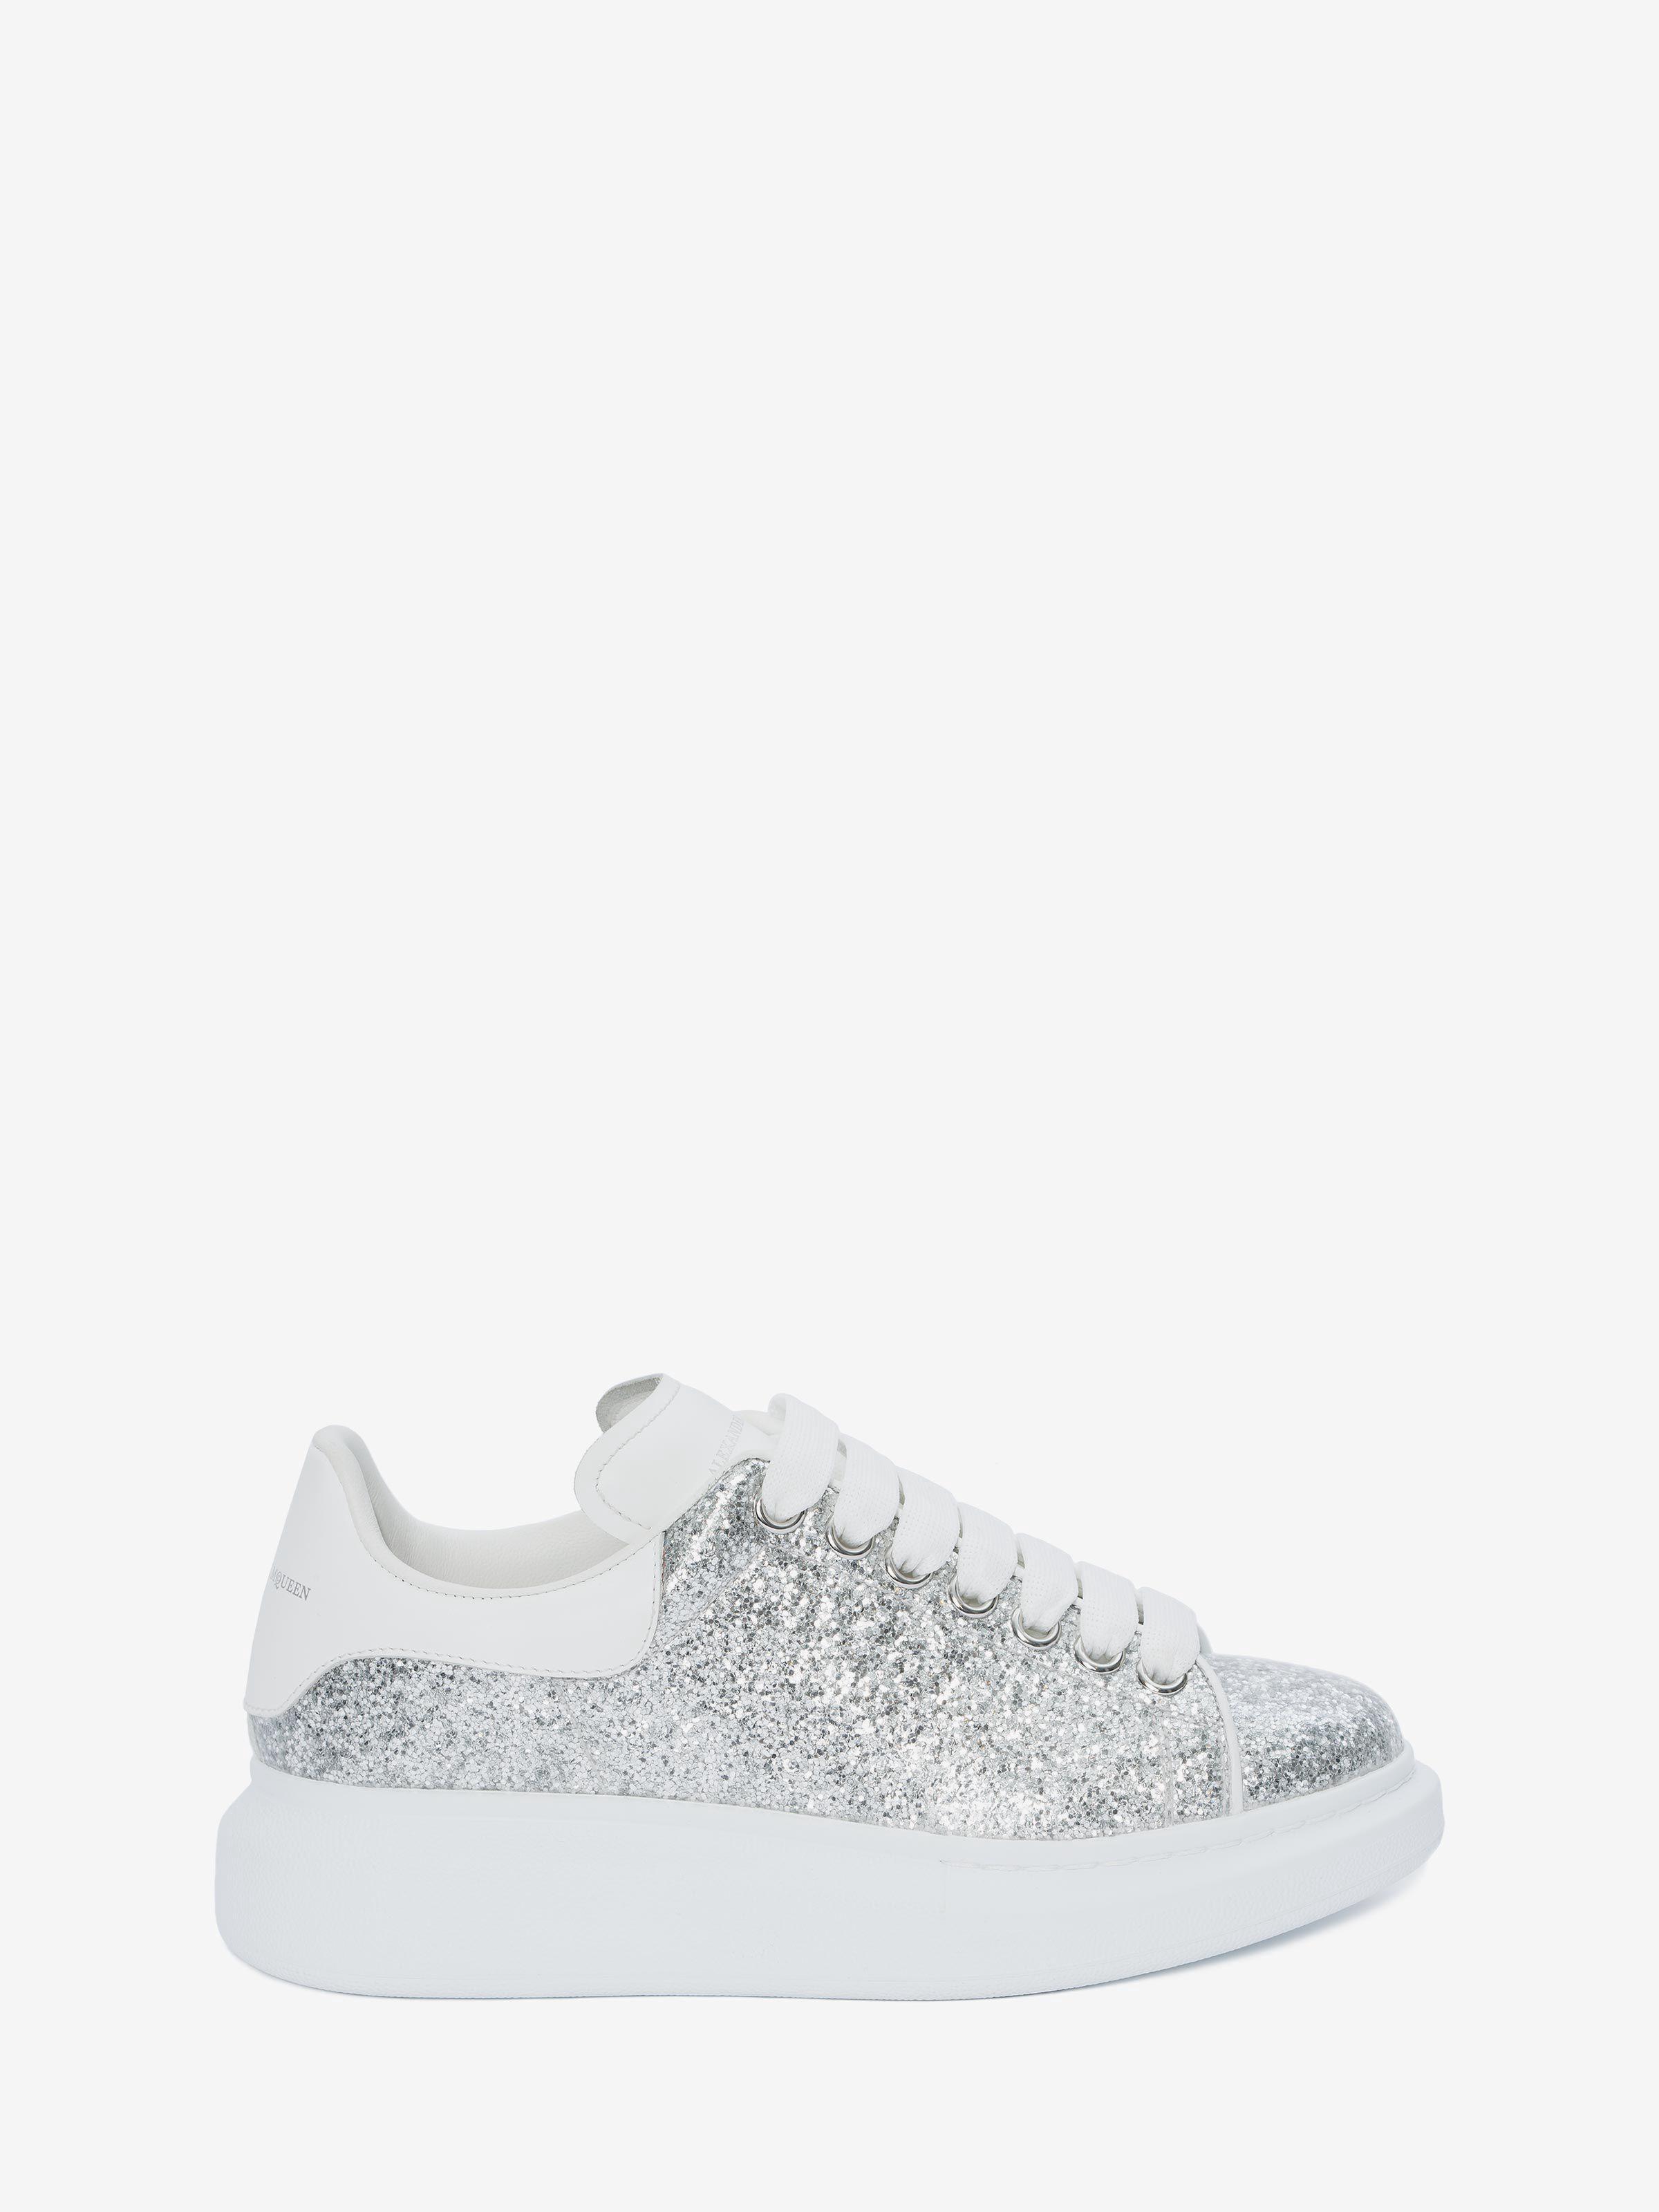 a990b72a3844 ALEXANDER MCQUEEN Oversized Sneaker.  alexandermcqueen  shoes ...